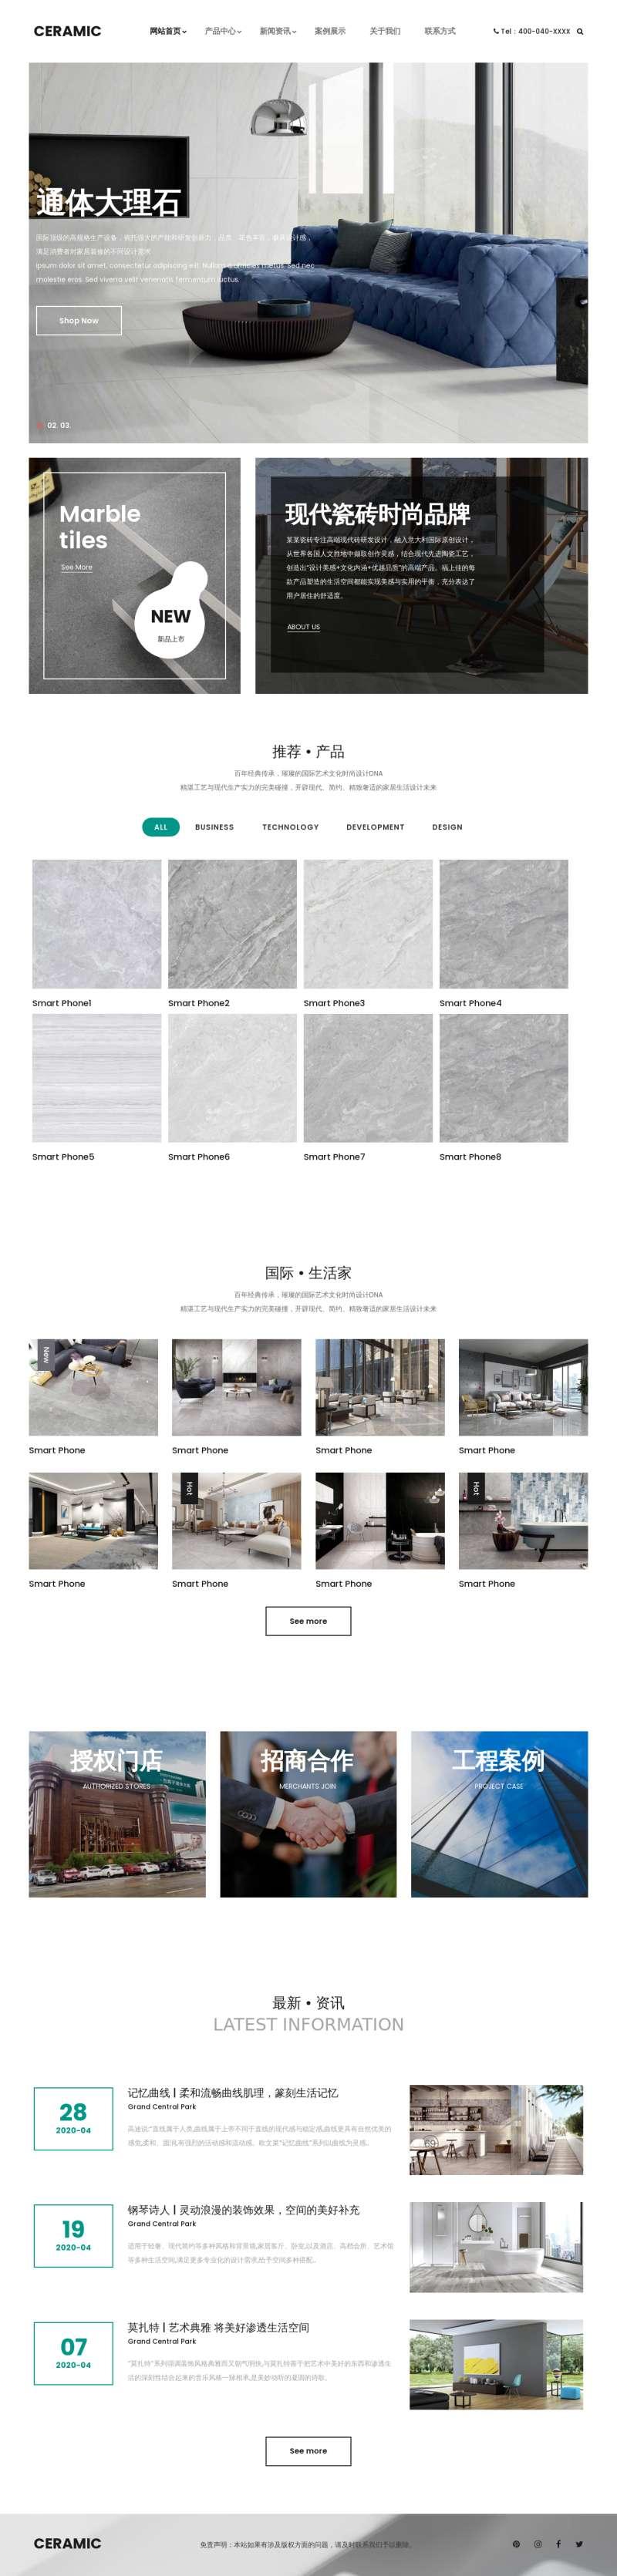 简洁的家居瓷砖公司官网模板